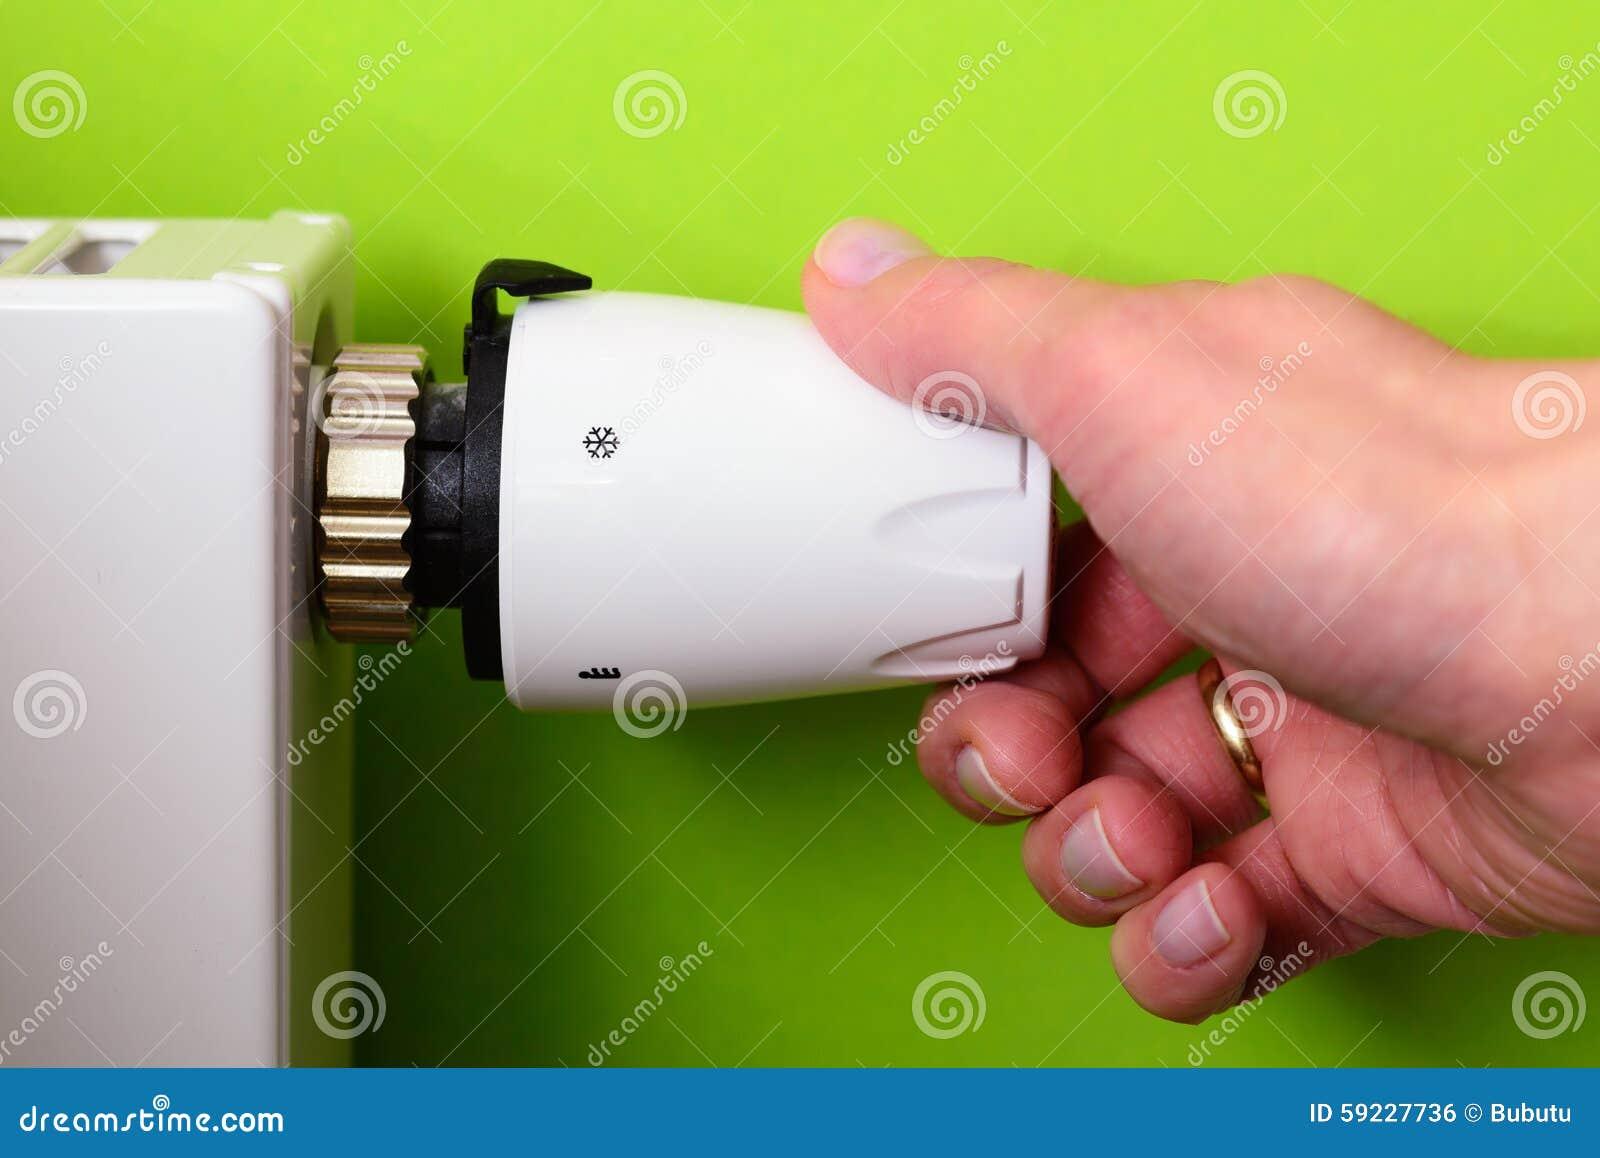 幅射器温箱和手金钱的力量节能概念